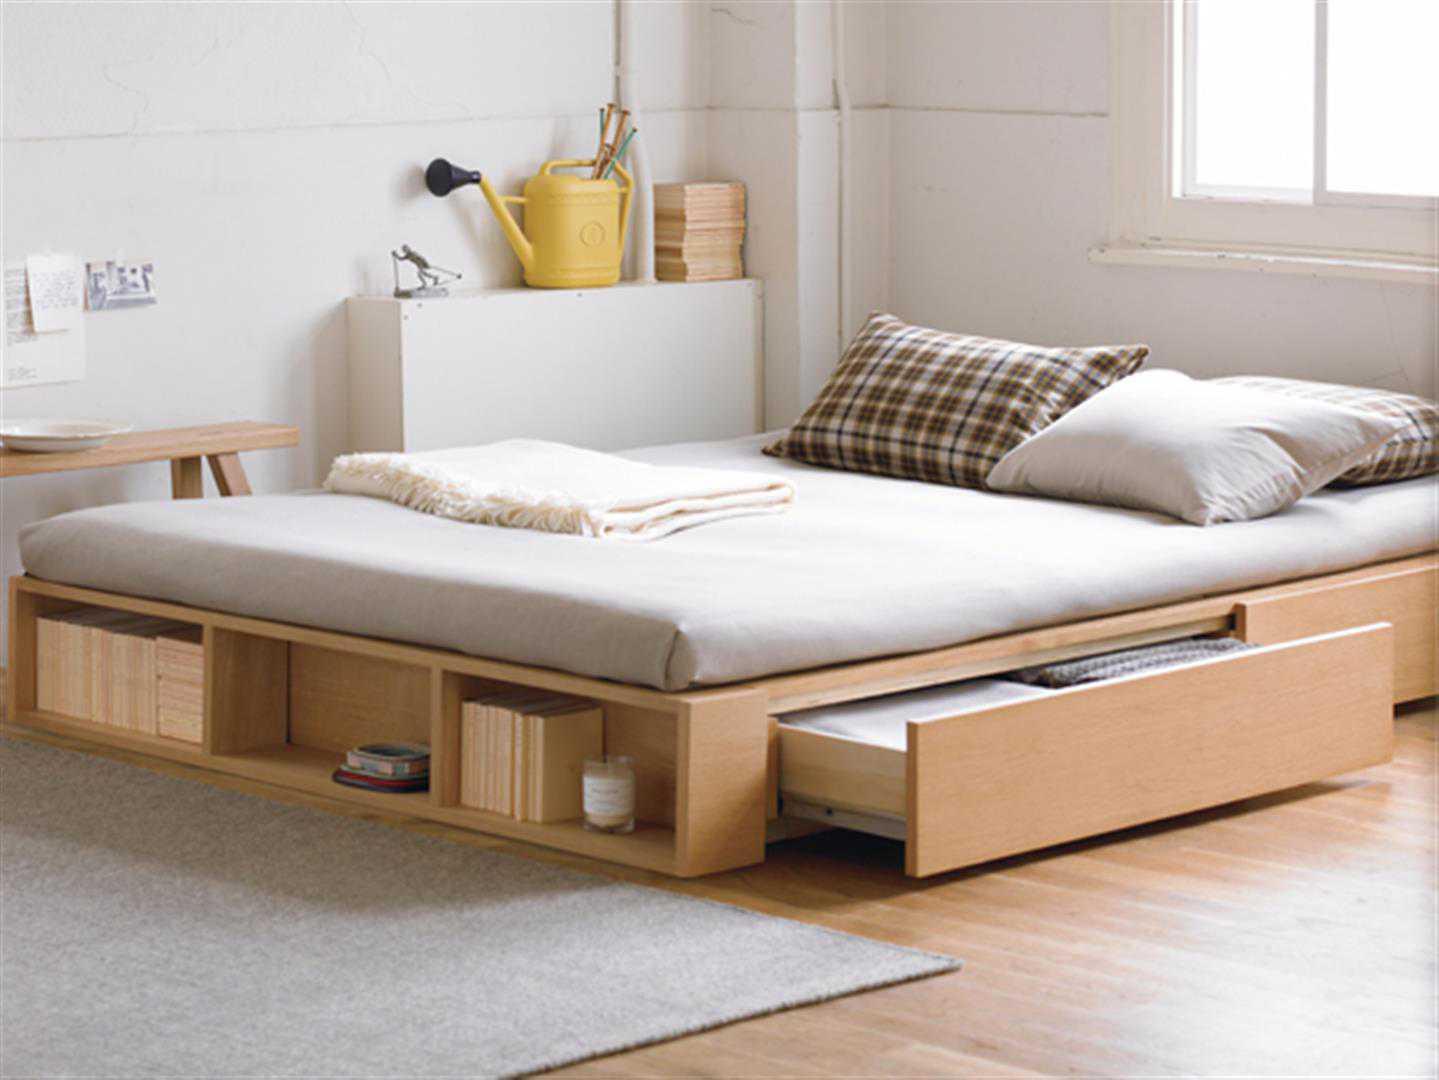 Nội thất thông minh ứng dụng trong thiết kế nội thất đẹp cho nhà nhỏ